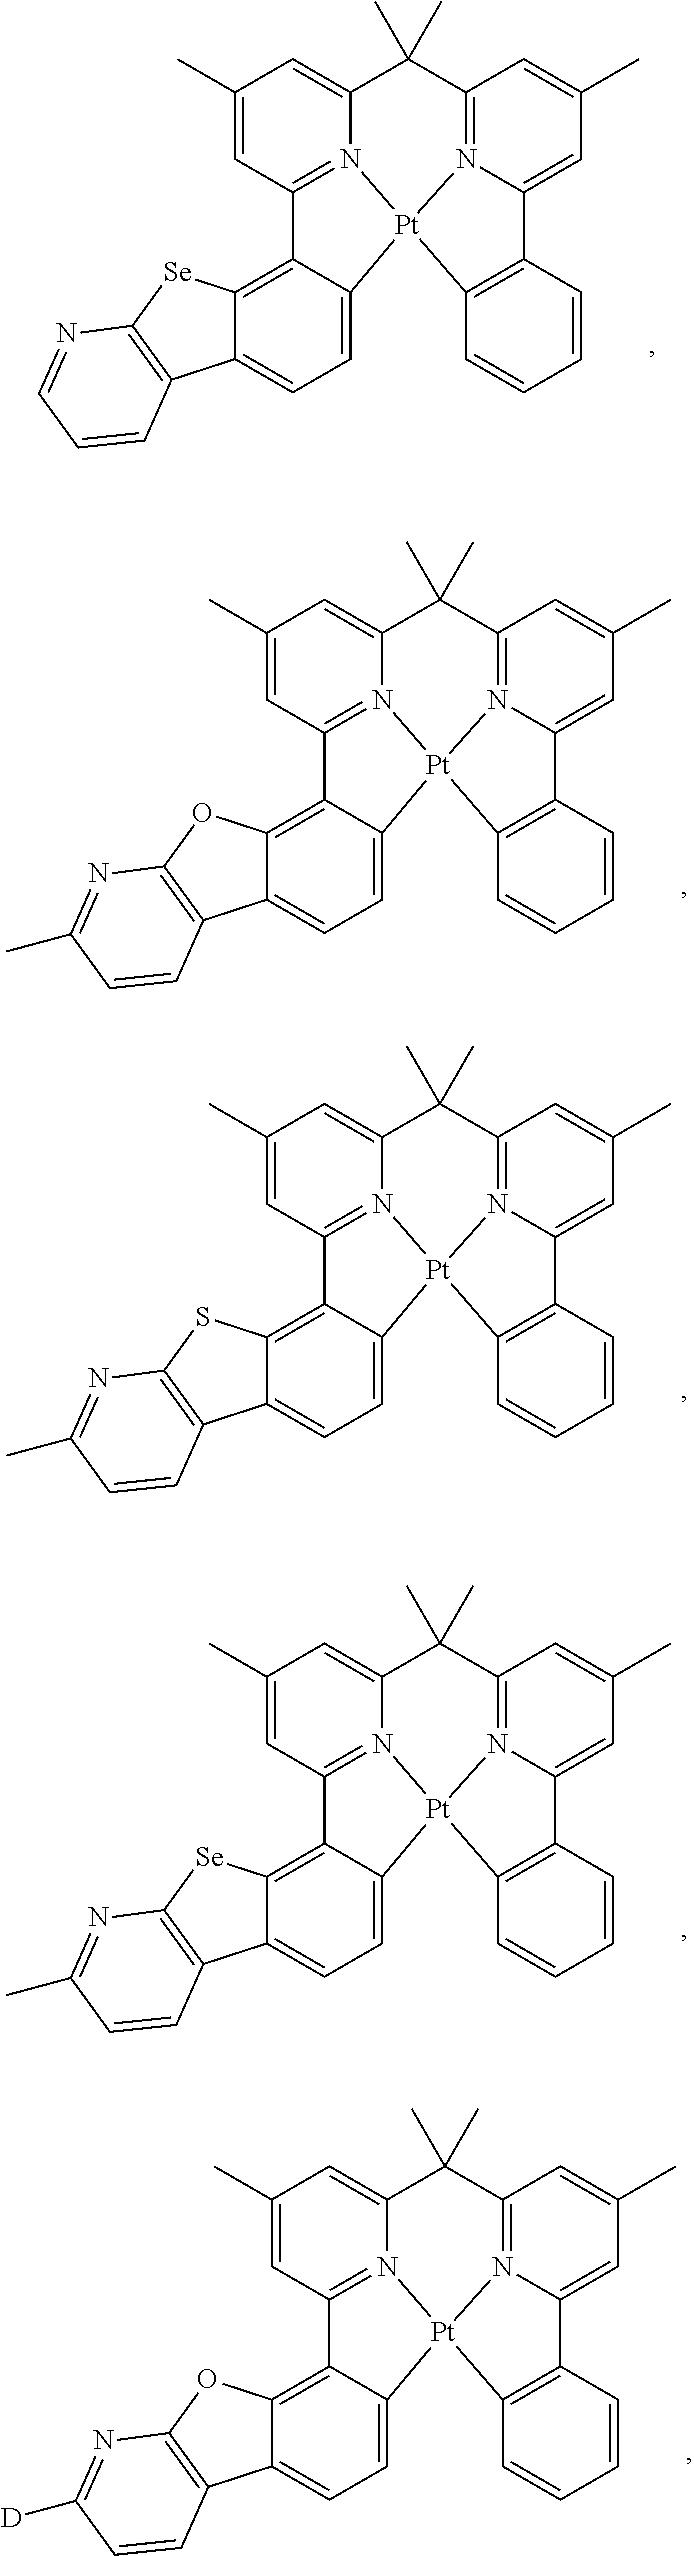 Figure US09871214-20180116-C00264